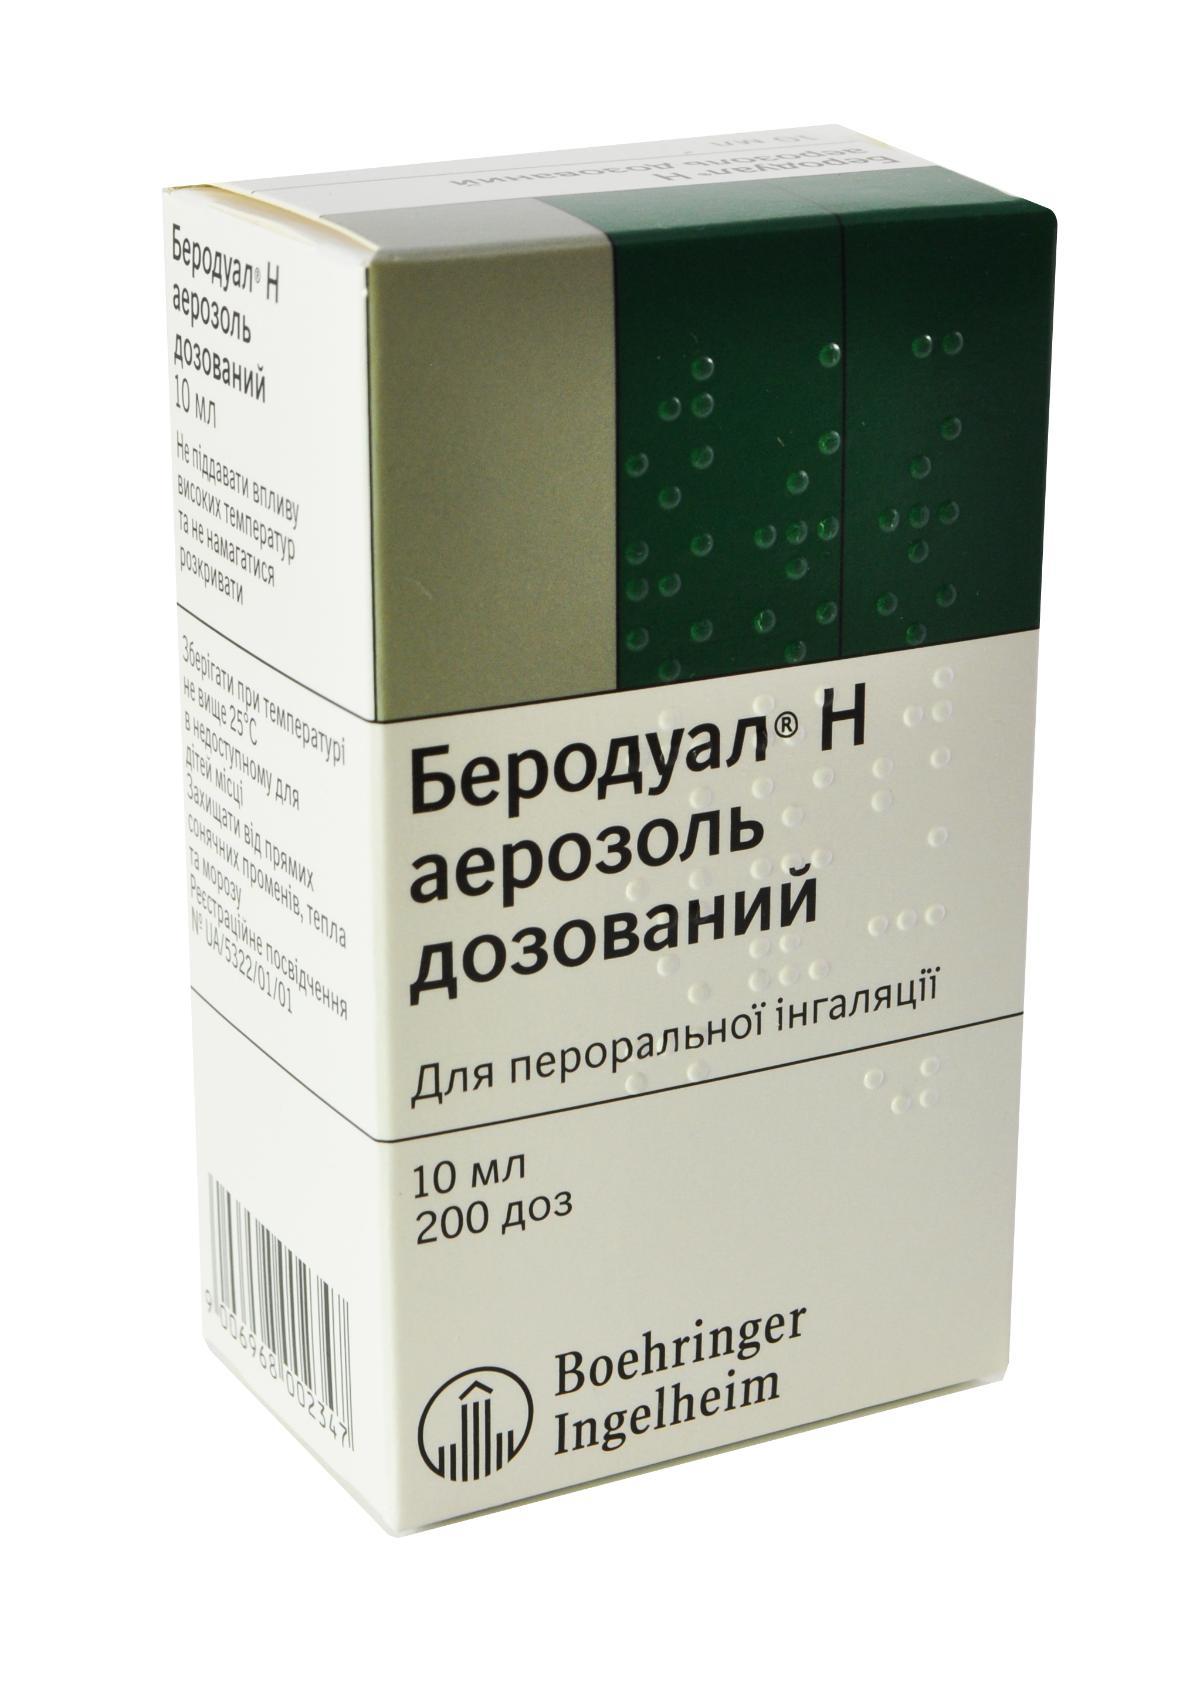 3078 БЕРОДУАЛ® - Fenoterol and ipratropium bromide